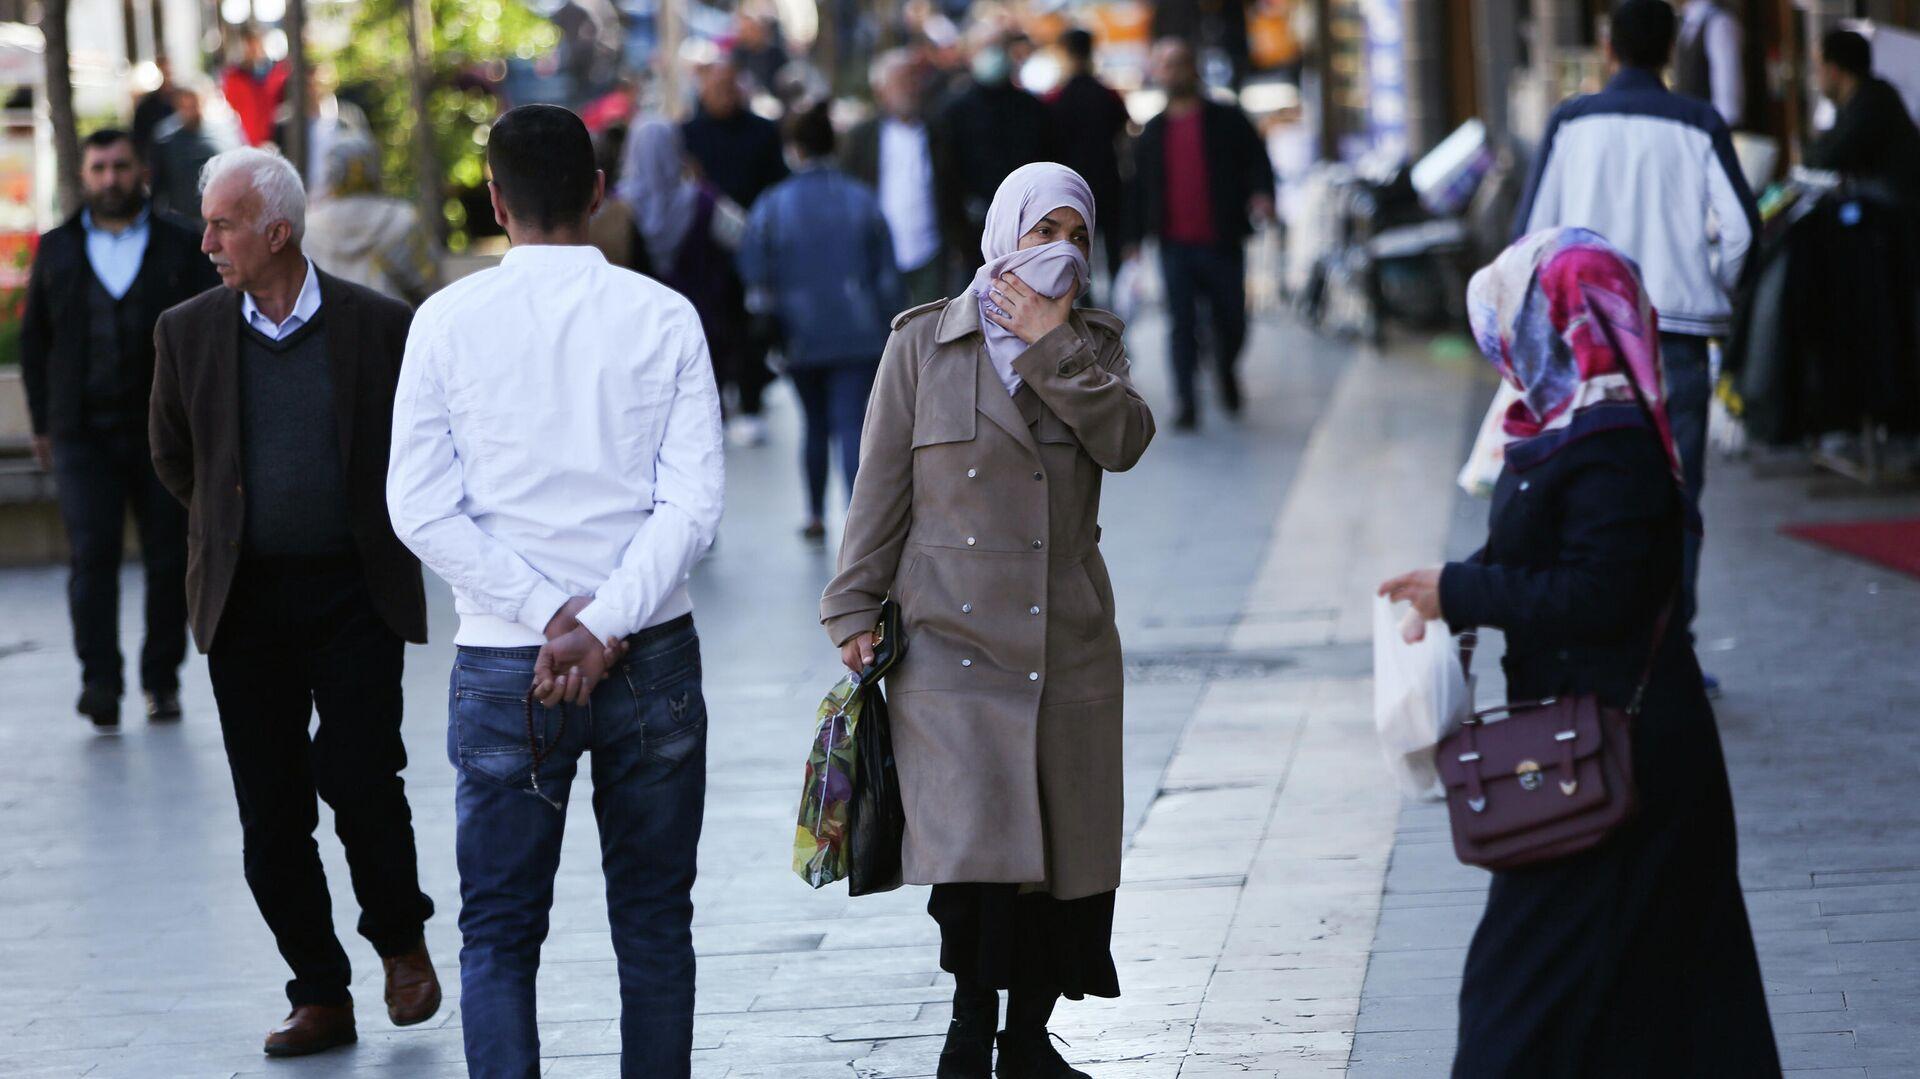 Люди на улице турецкого города Диярбакыр - РИА Новости, 1920, 12.04.2021